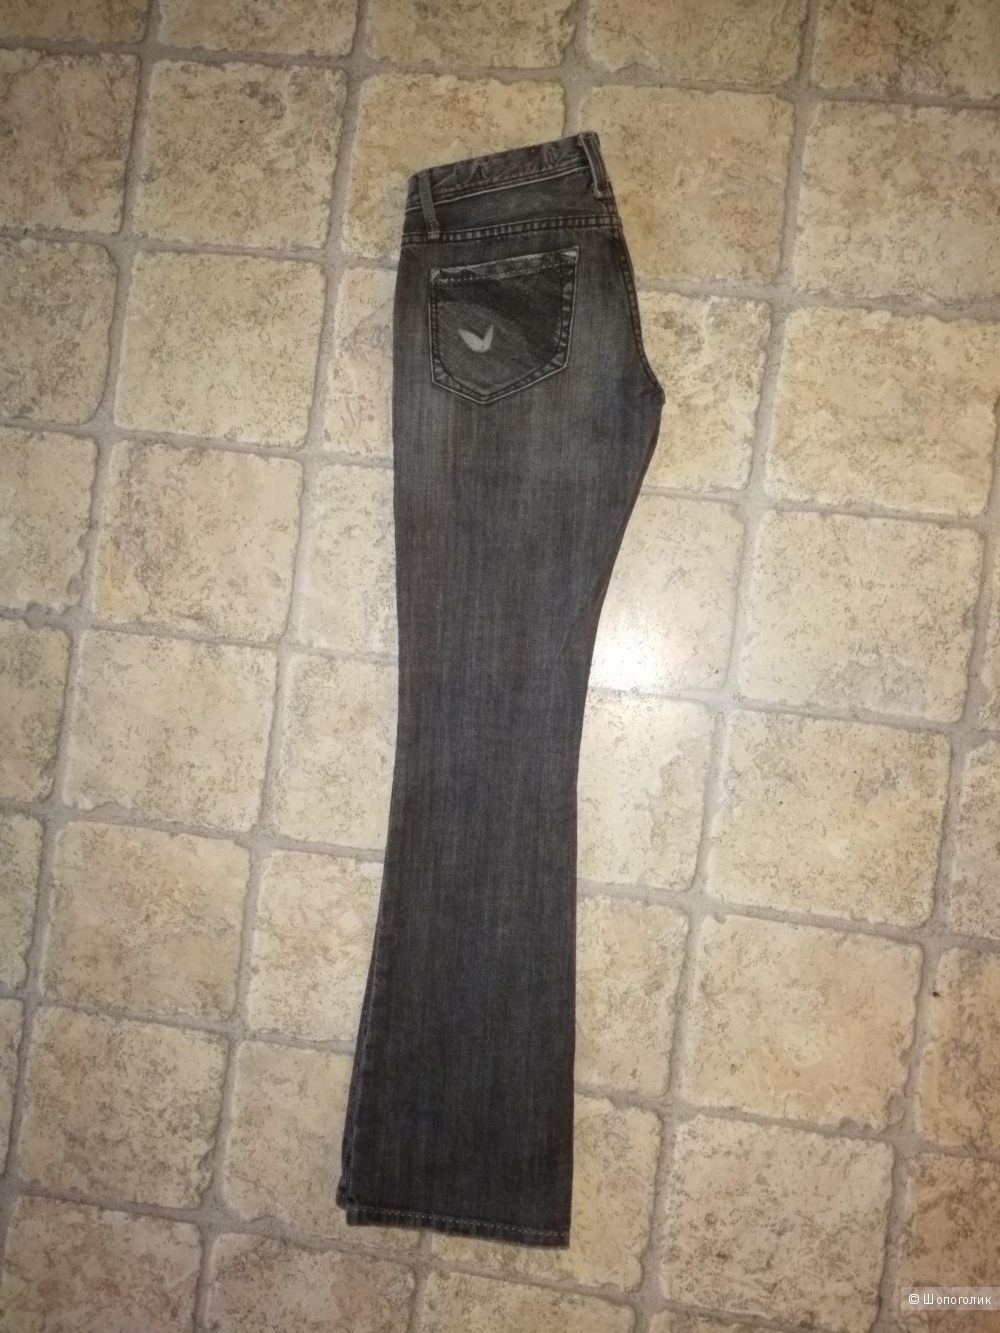 Джинсики - клёшики от Stress 7, чёрно - серого цвета, 25 - 26 размера.